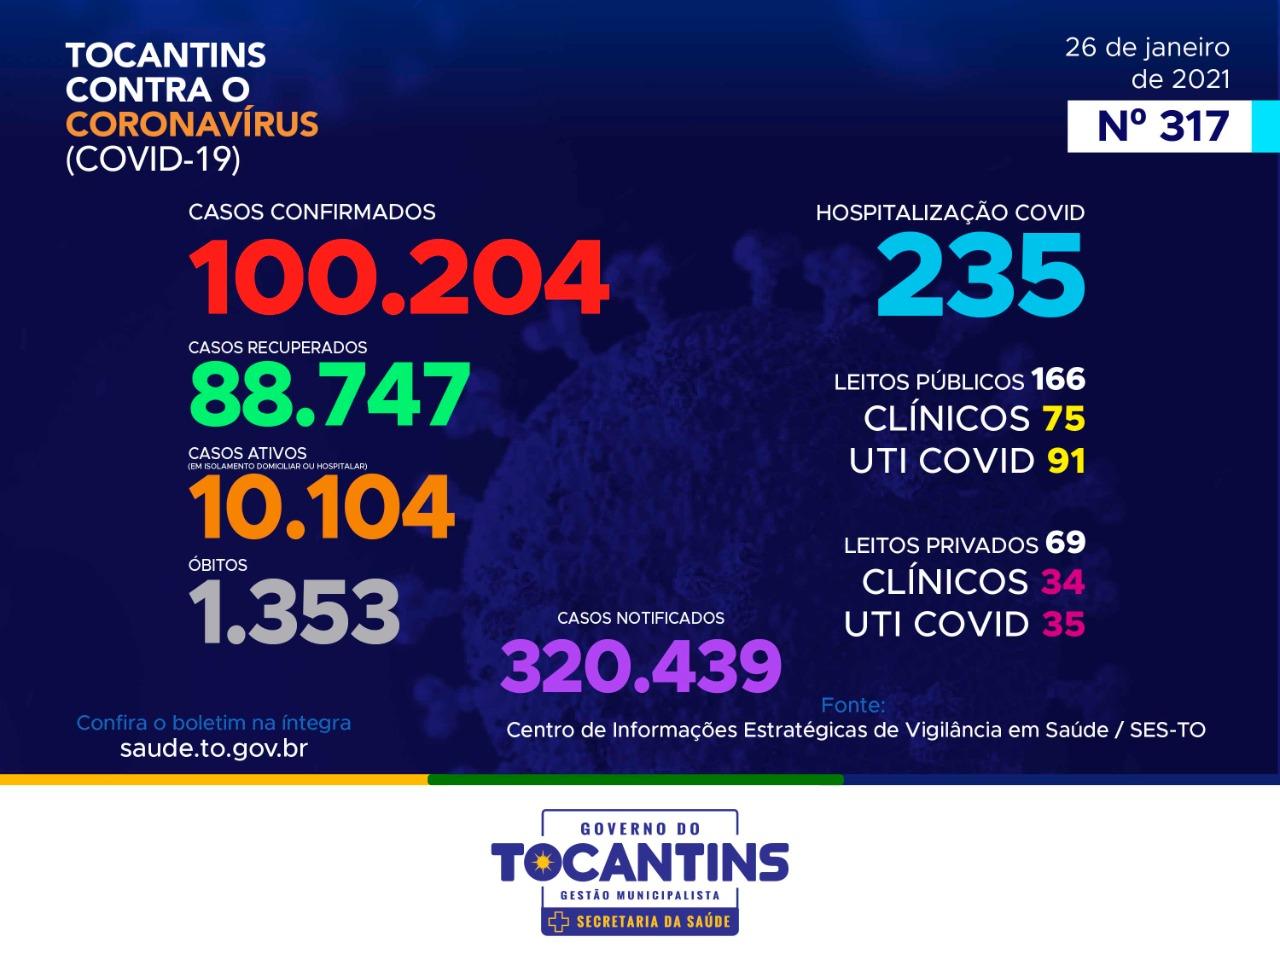 Tocantins registra 605 novos casos e atinge marca de 100 mil infectados pela Covid-19 nesta terça, 26